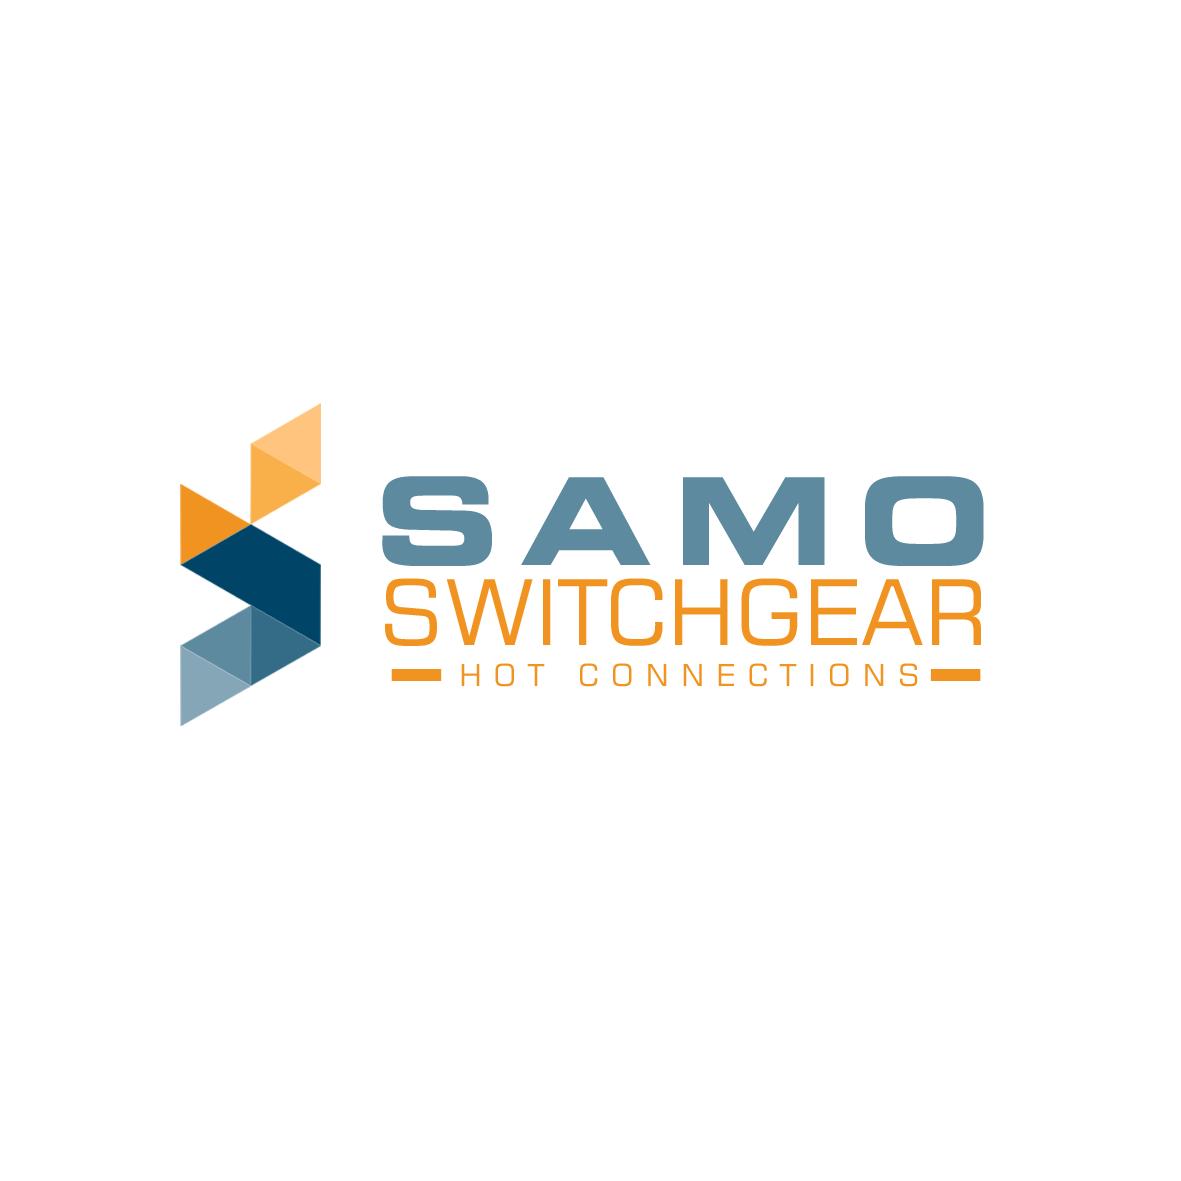 SAMO SWITCHGEAR